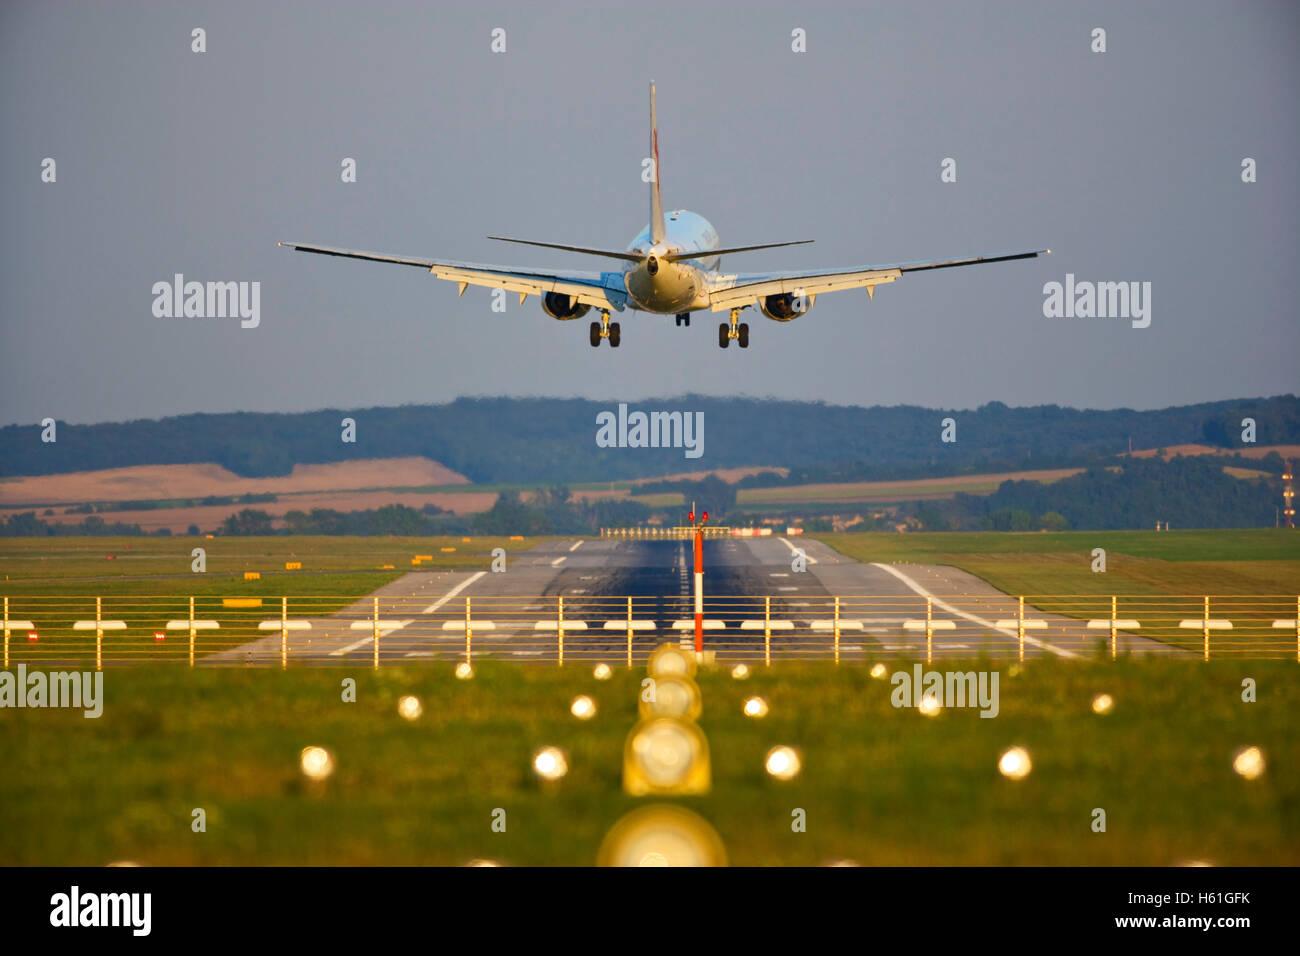 Landing airplane, Flughafen Wien Schwechat, VIE, Vienna, Austria, Europe - Stock Image